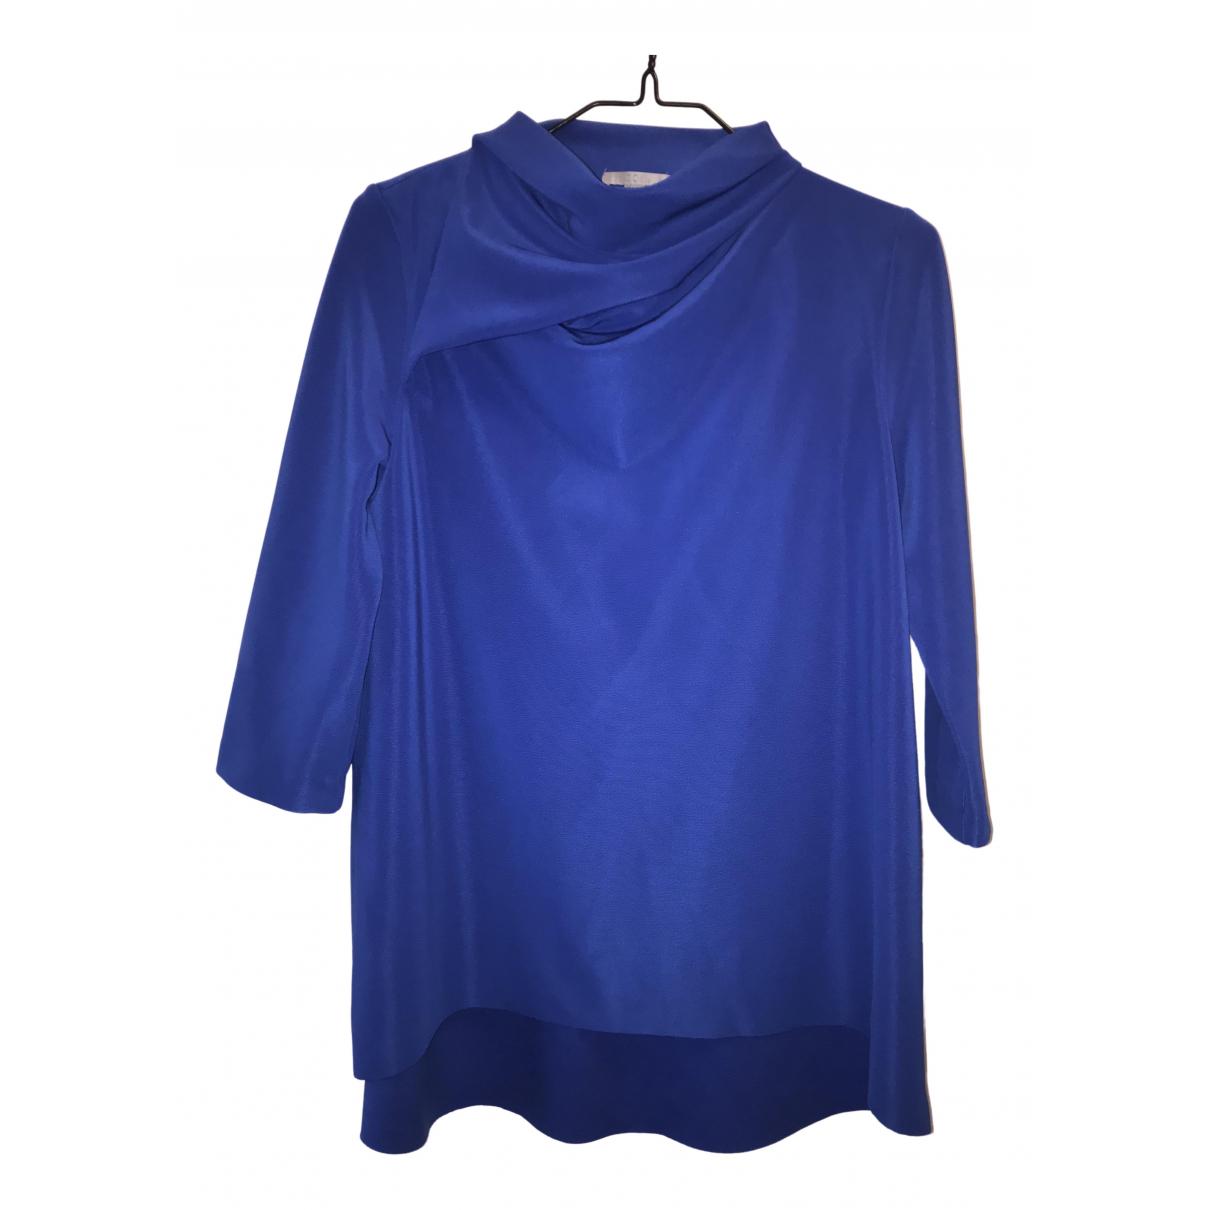 Cos - Top   pour femme - bleu